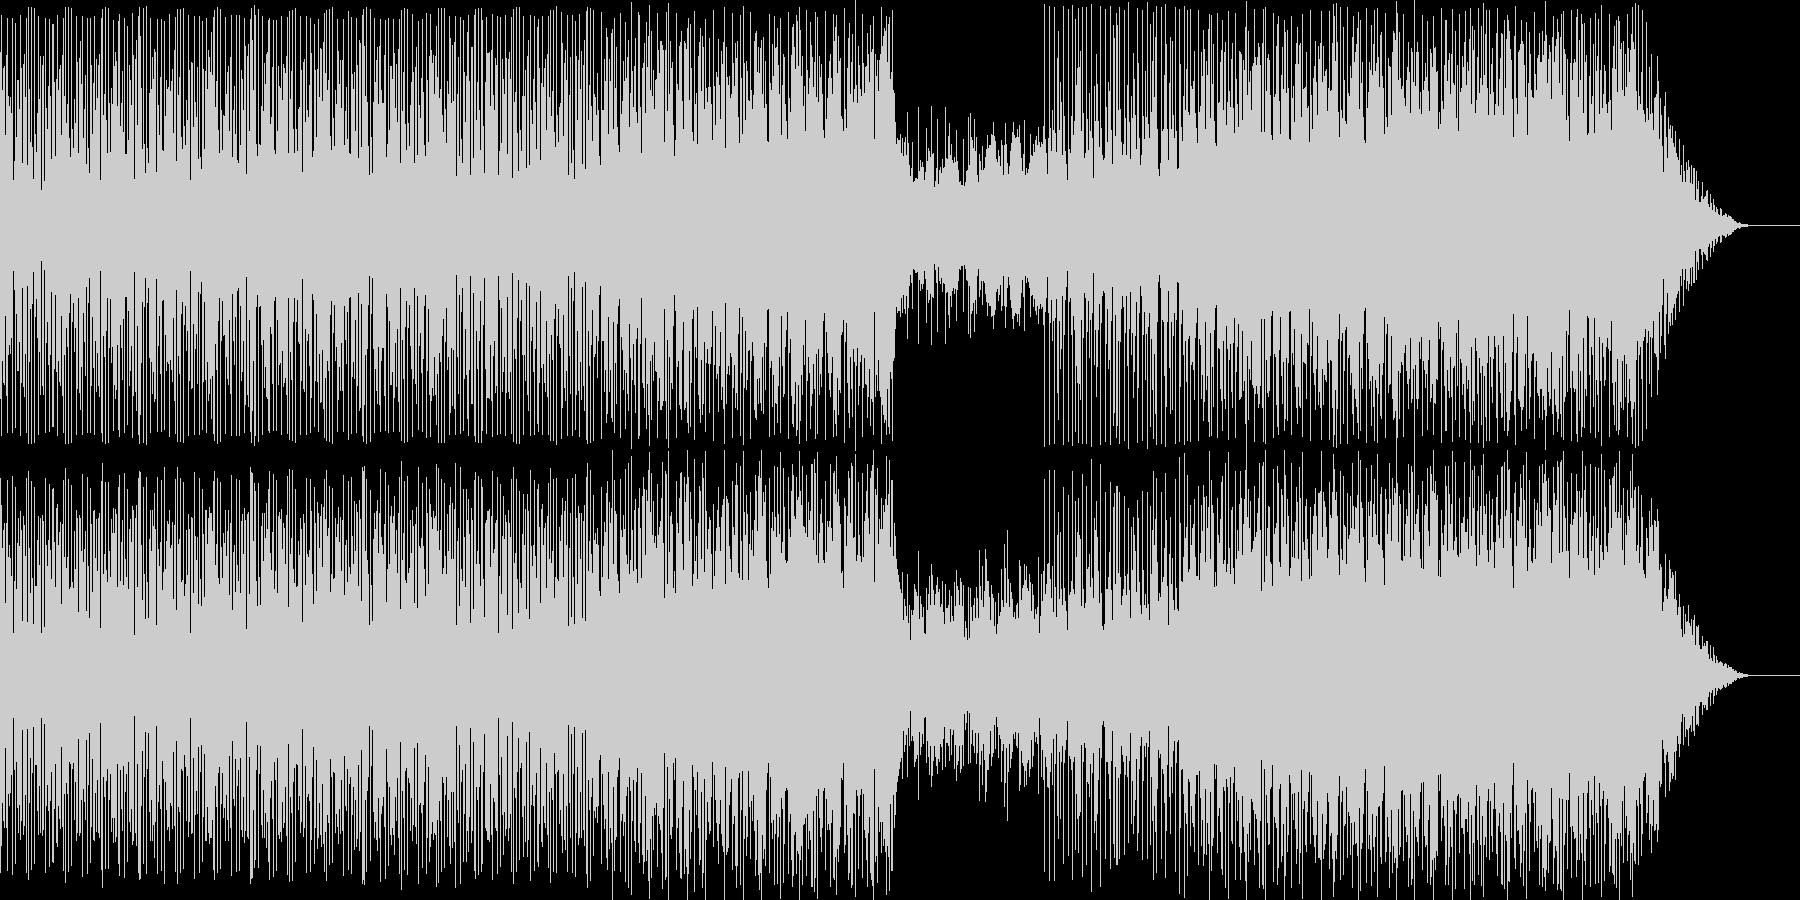 オーケストラとシンセサイザーの戦闘BGMの未再生の波形